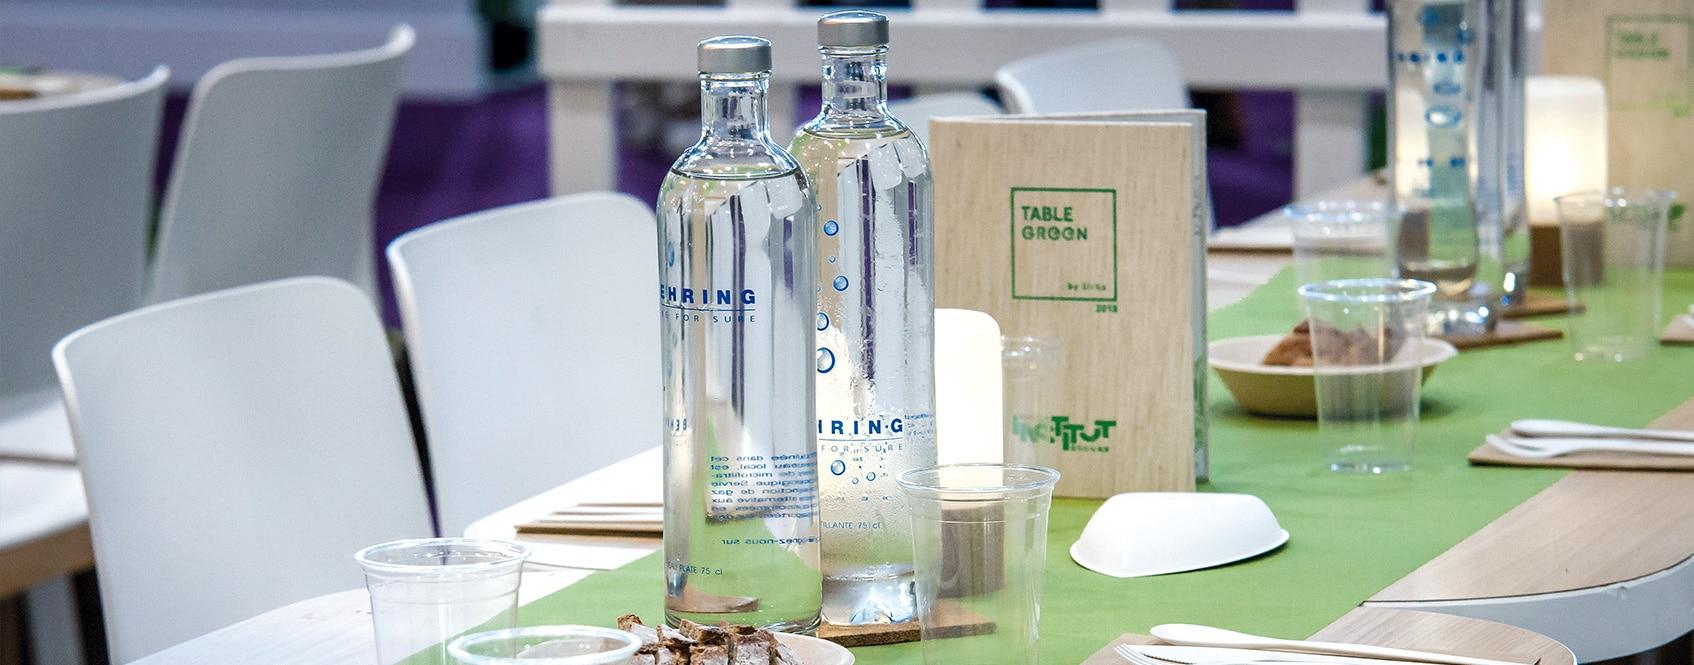 litres d'eau par jour